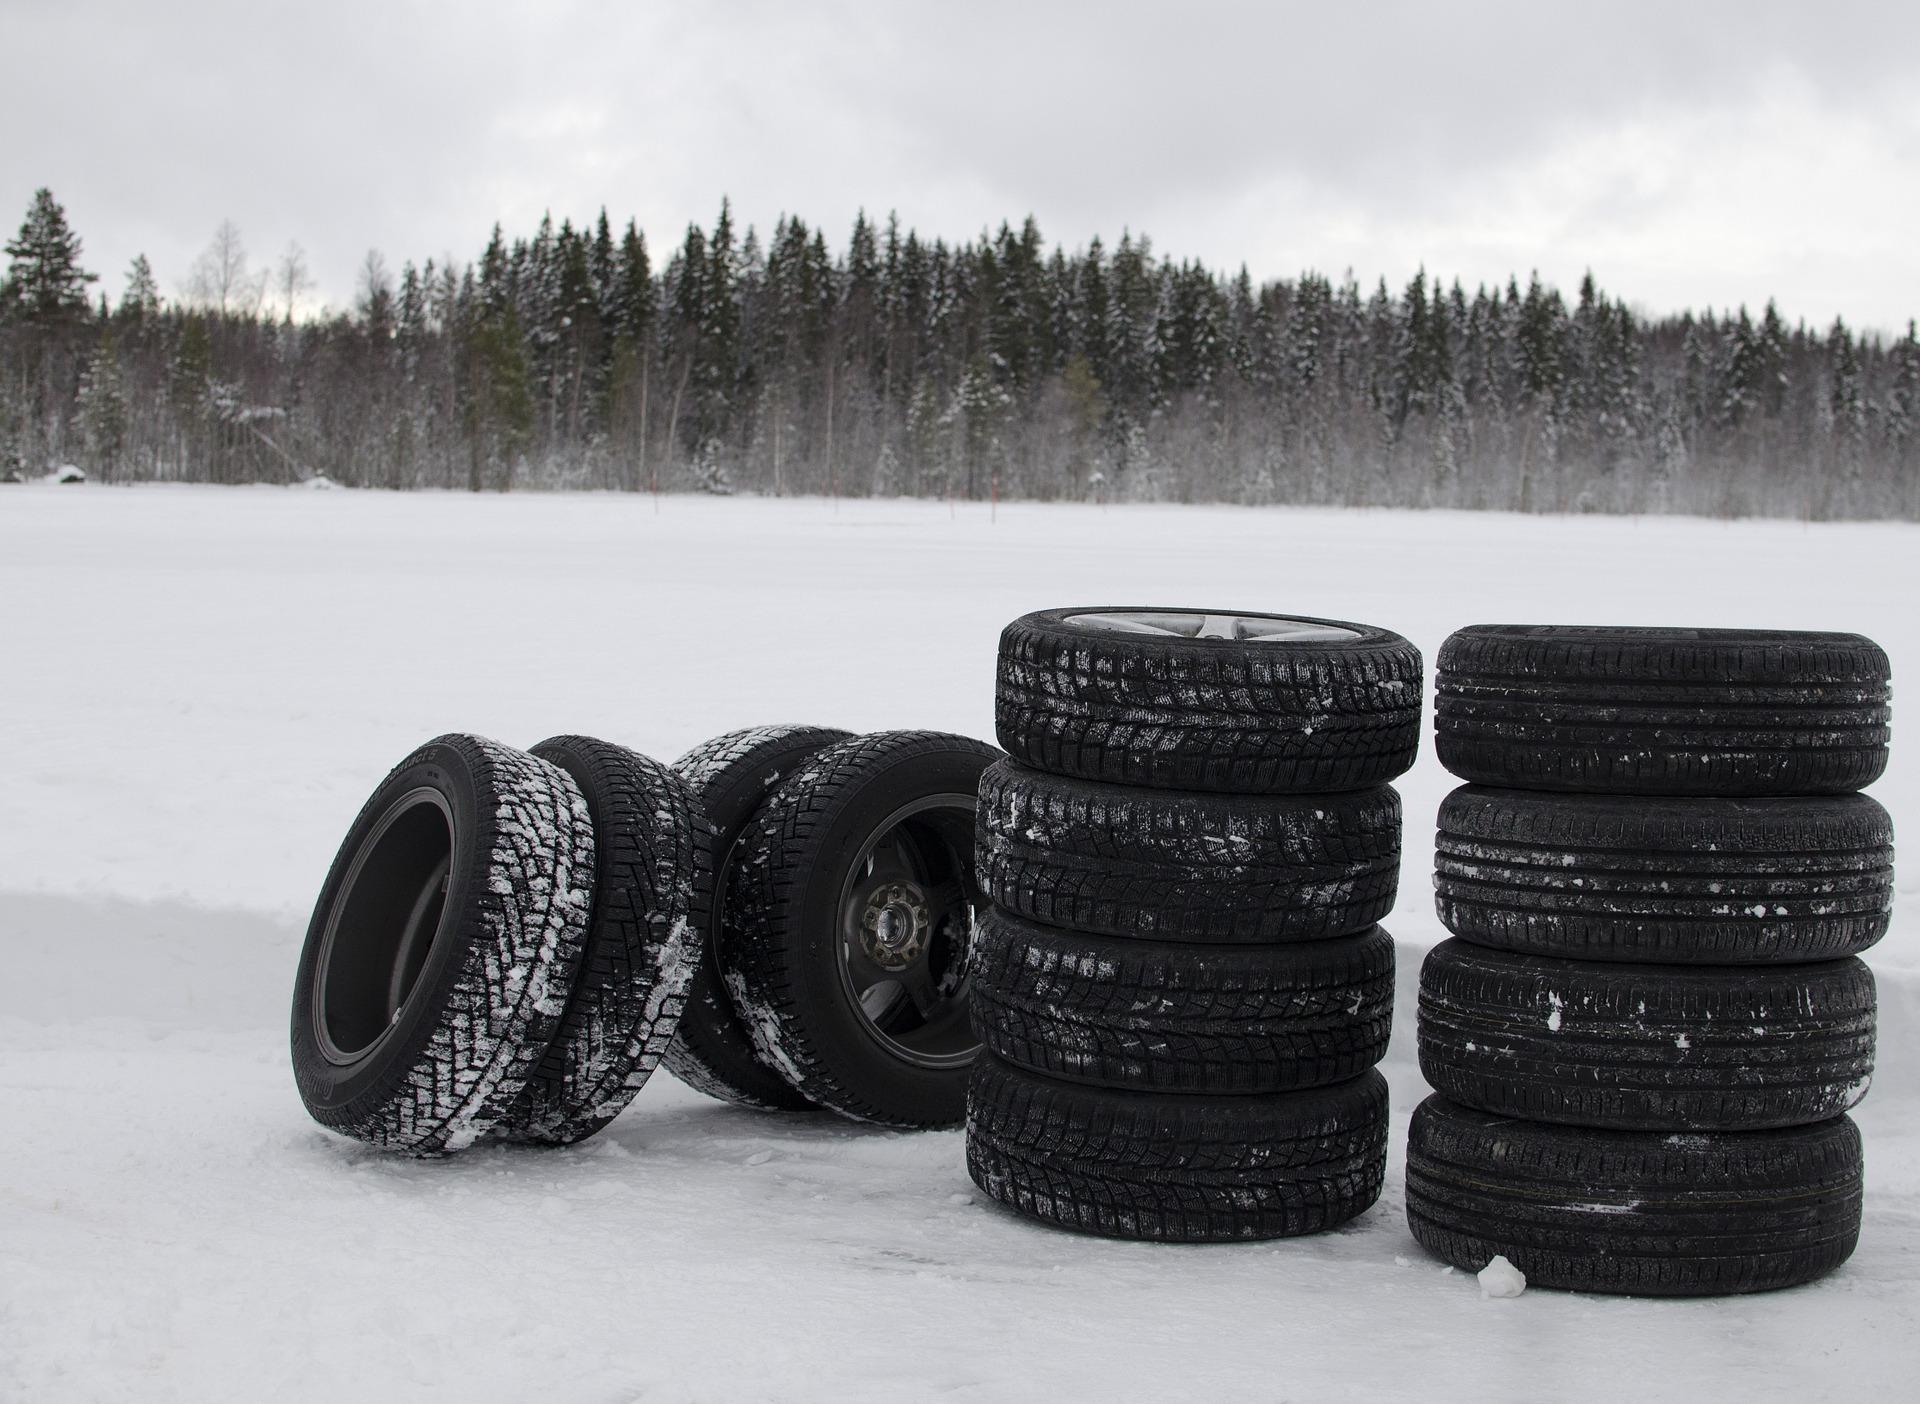 zimné pneumatiky: 2 tipy na predĺženie životnosti